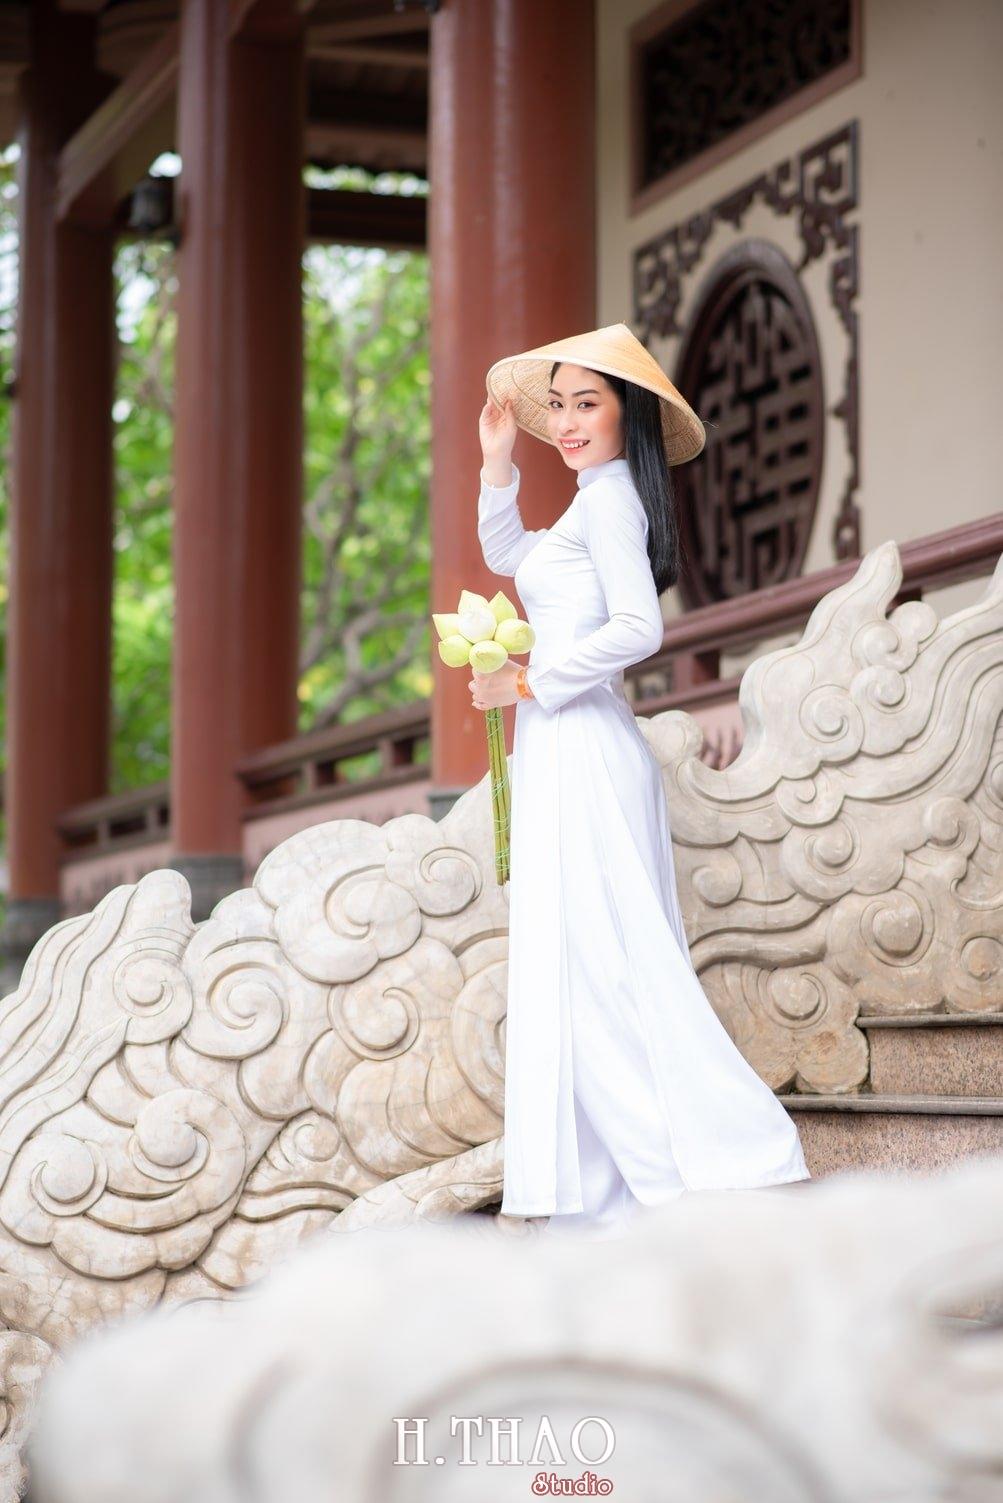 Ao dai trang 12 - Album áo dài trắng tại Thiền Viện Vạn Hạnh - HThao Studio